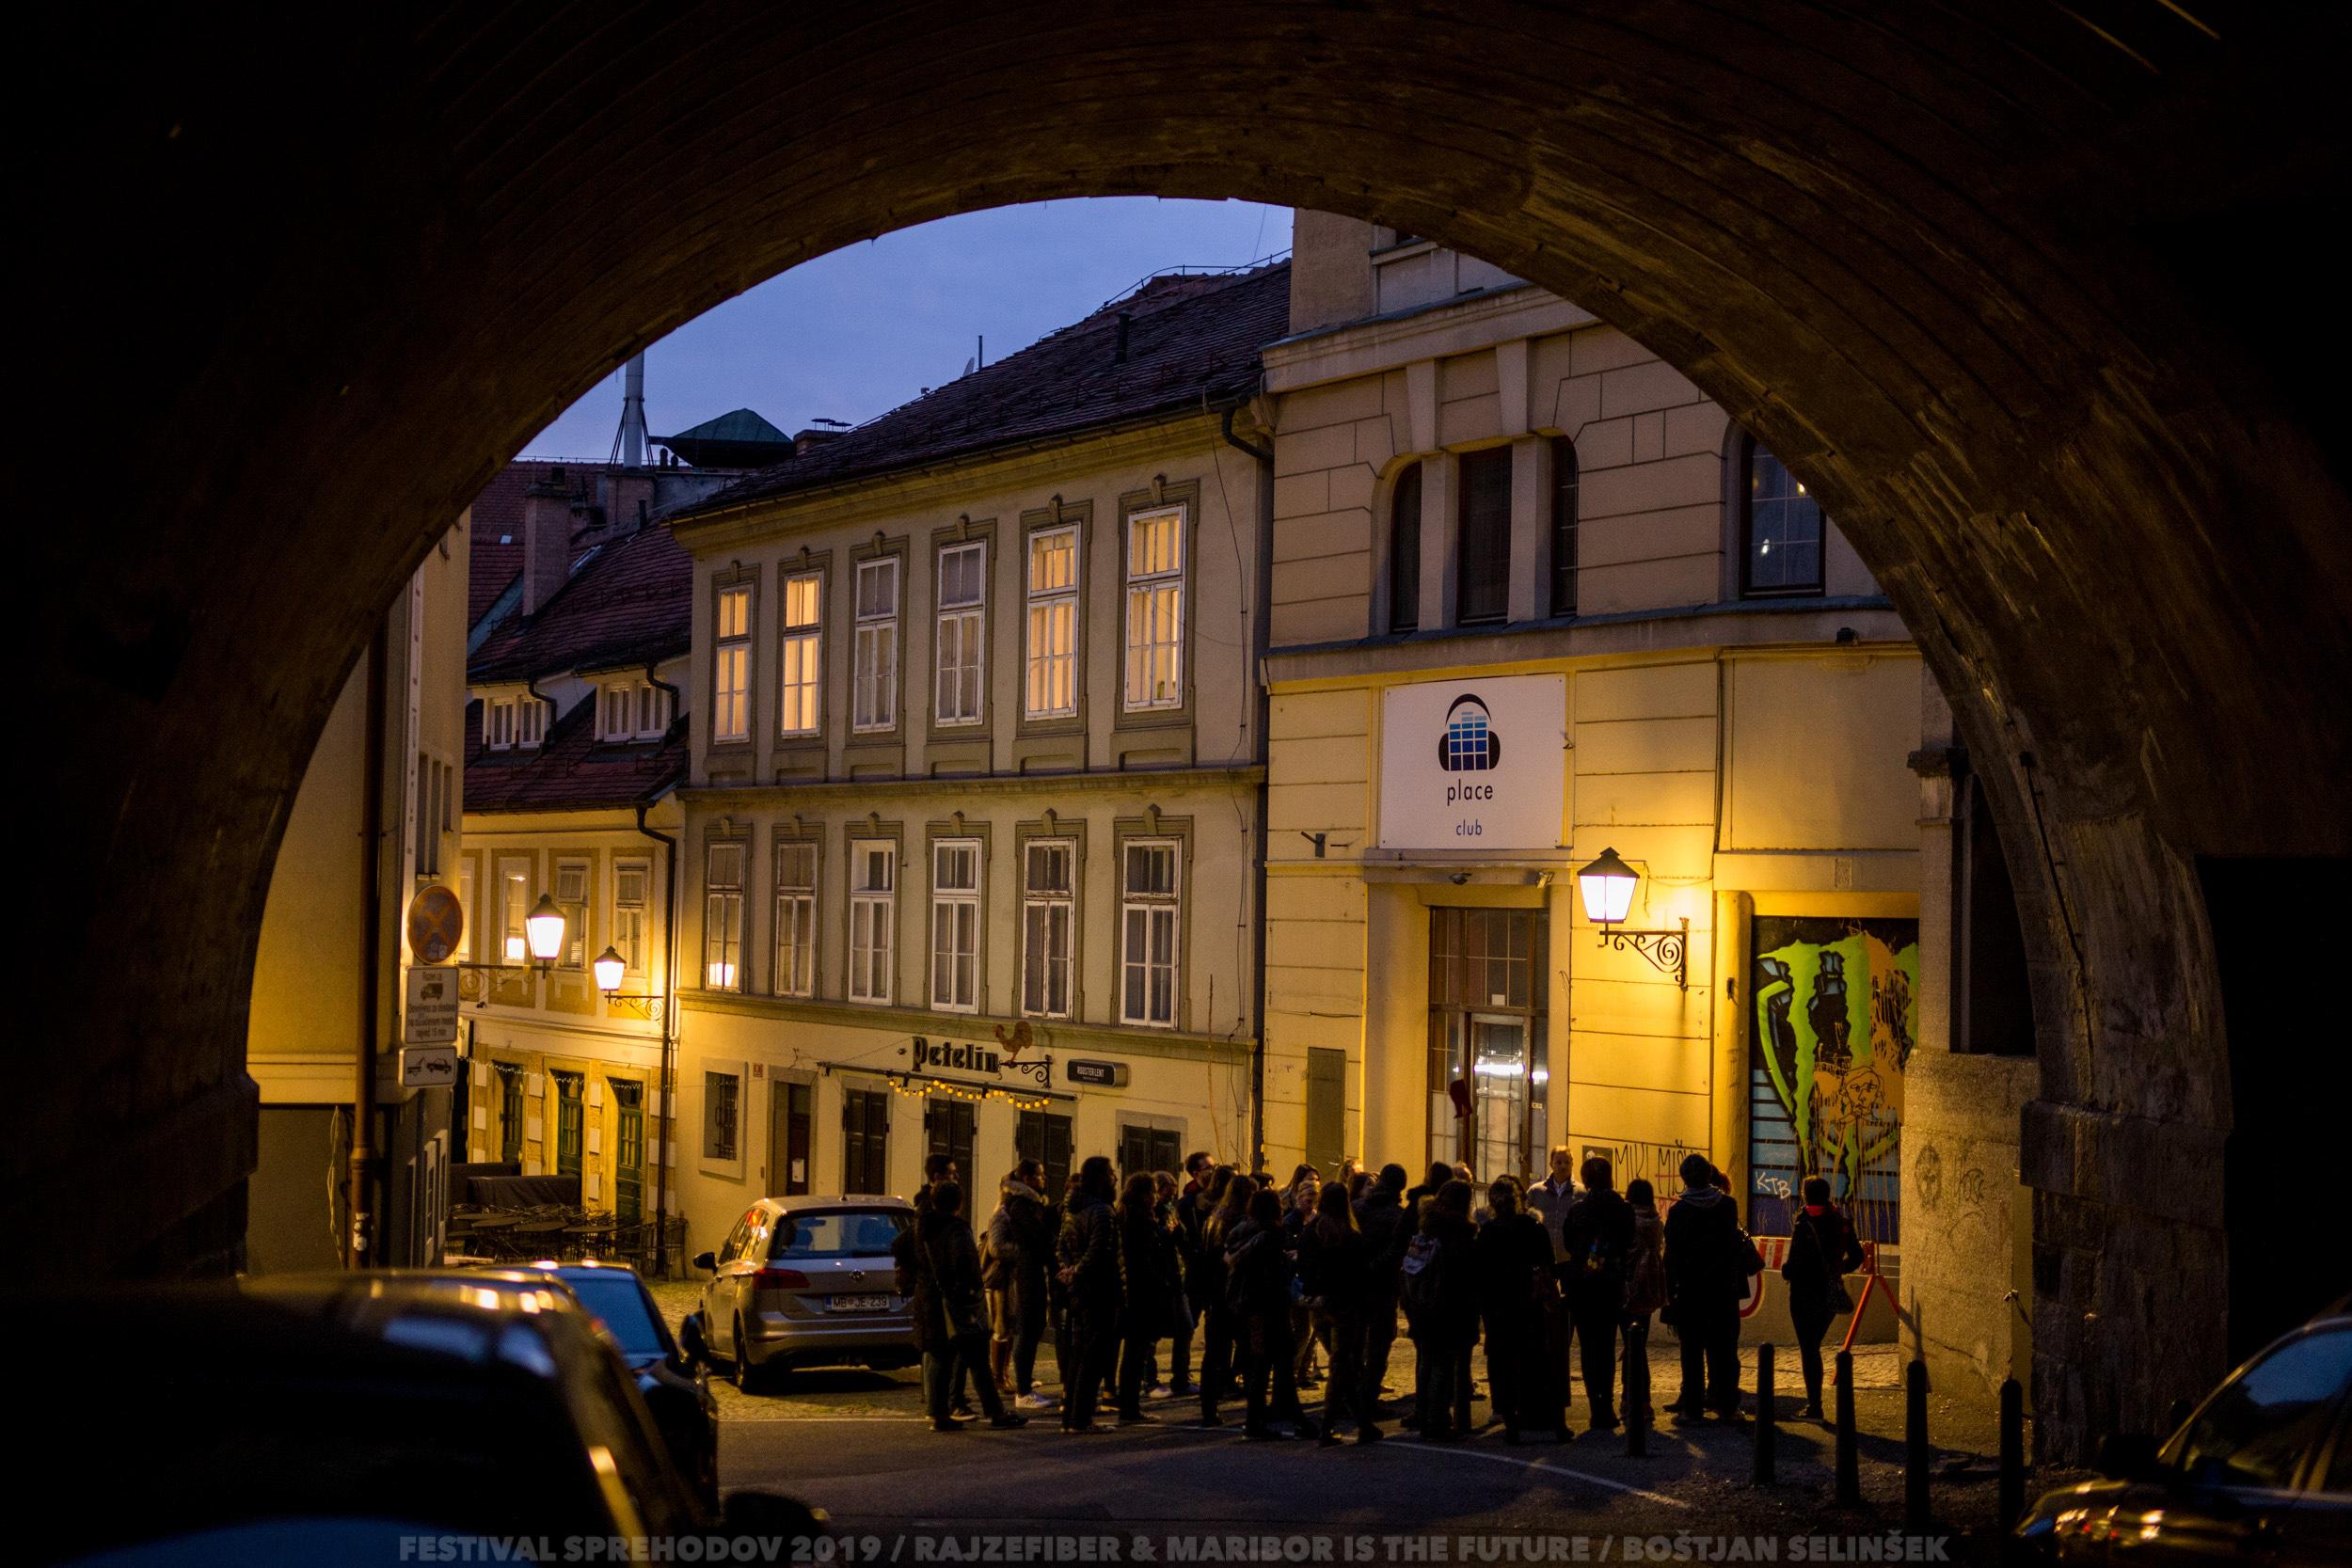 Festival sprehodov_3dan_Boštjan Selinšek (92).jpg